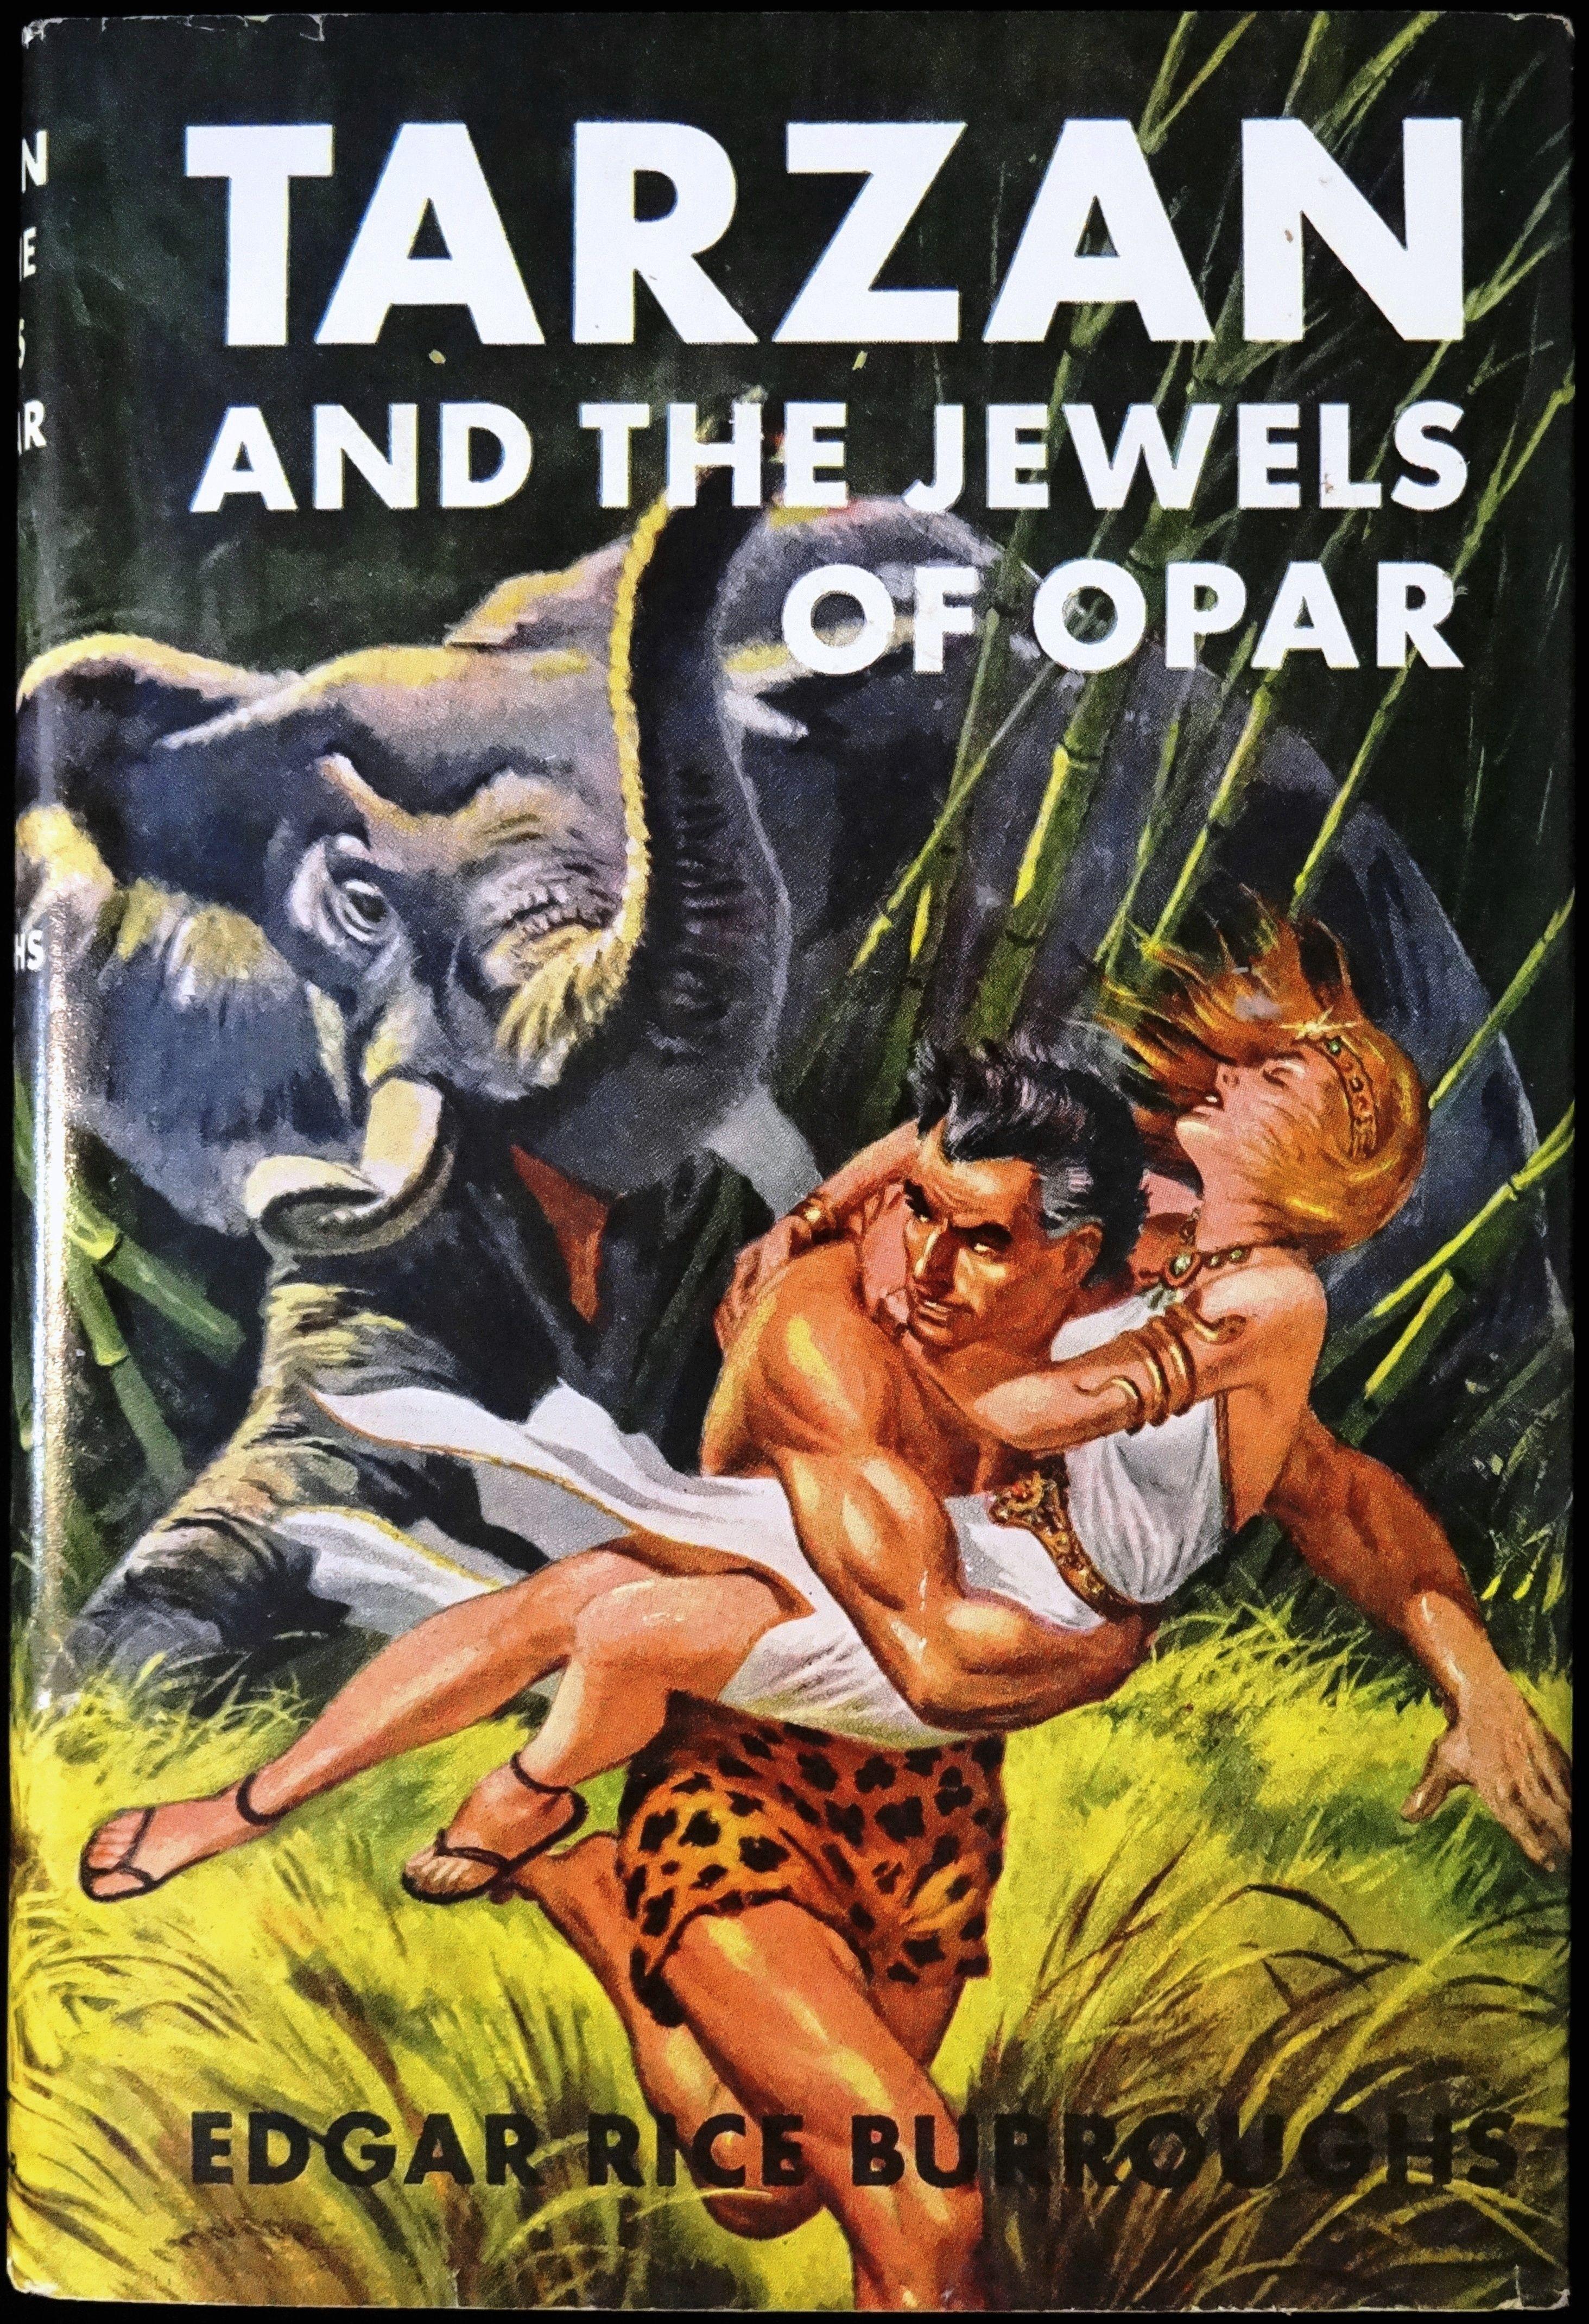 Edgar Rice Burroughs Edgar Rice Burroughs Tarzan Book Tarzan